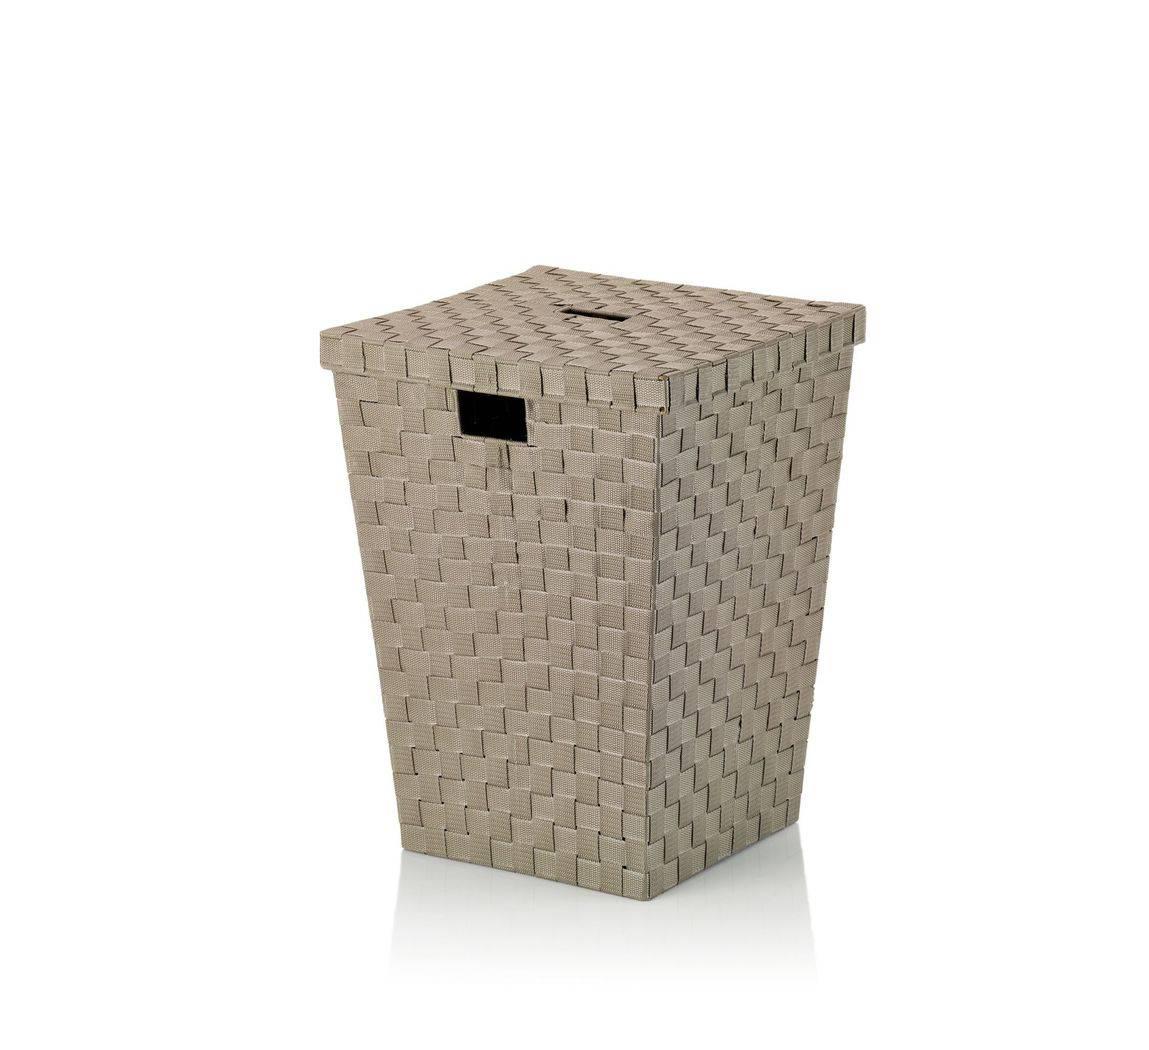 Koš na prádlo Alvaro pískový, 40x40x52cm KL-23073 - Kela + dárek k nákupu